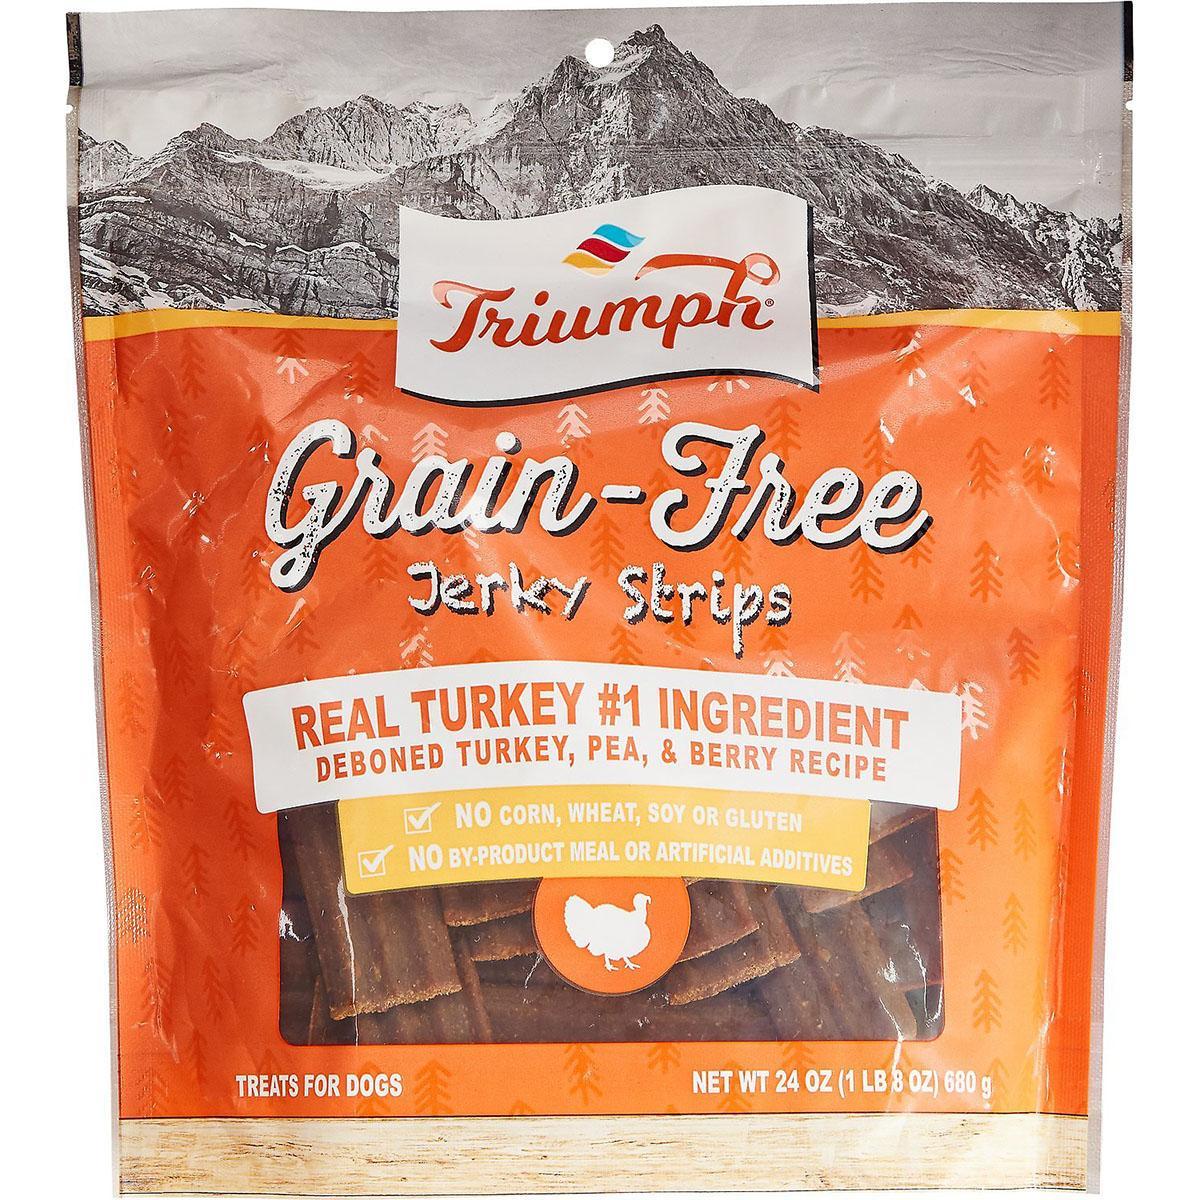 Triumph Pet Grain-Free Jerky Strips Dog Treat - Deboned Turkey, Pea & Berry Recipe